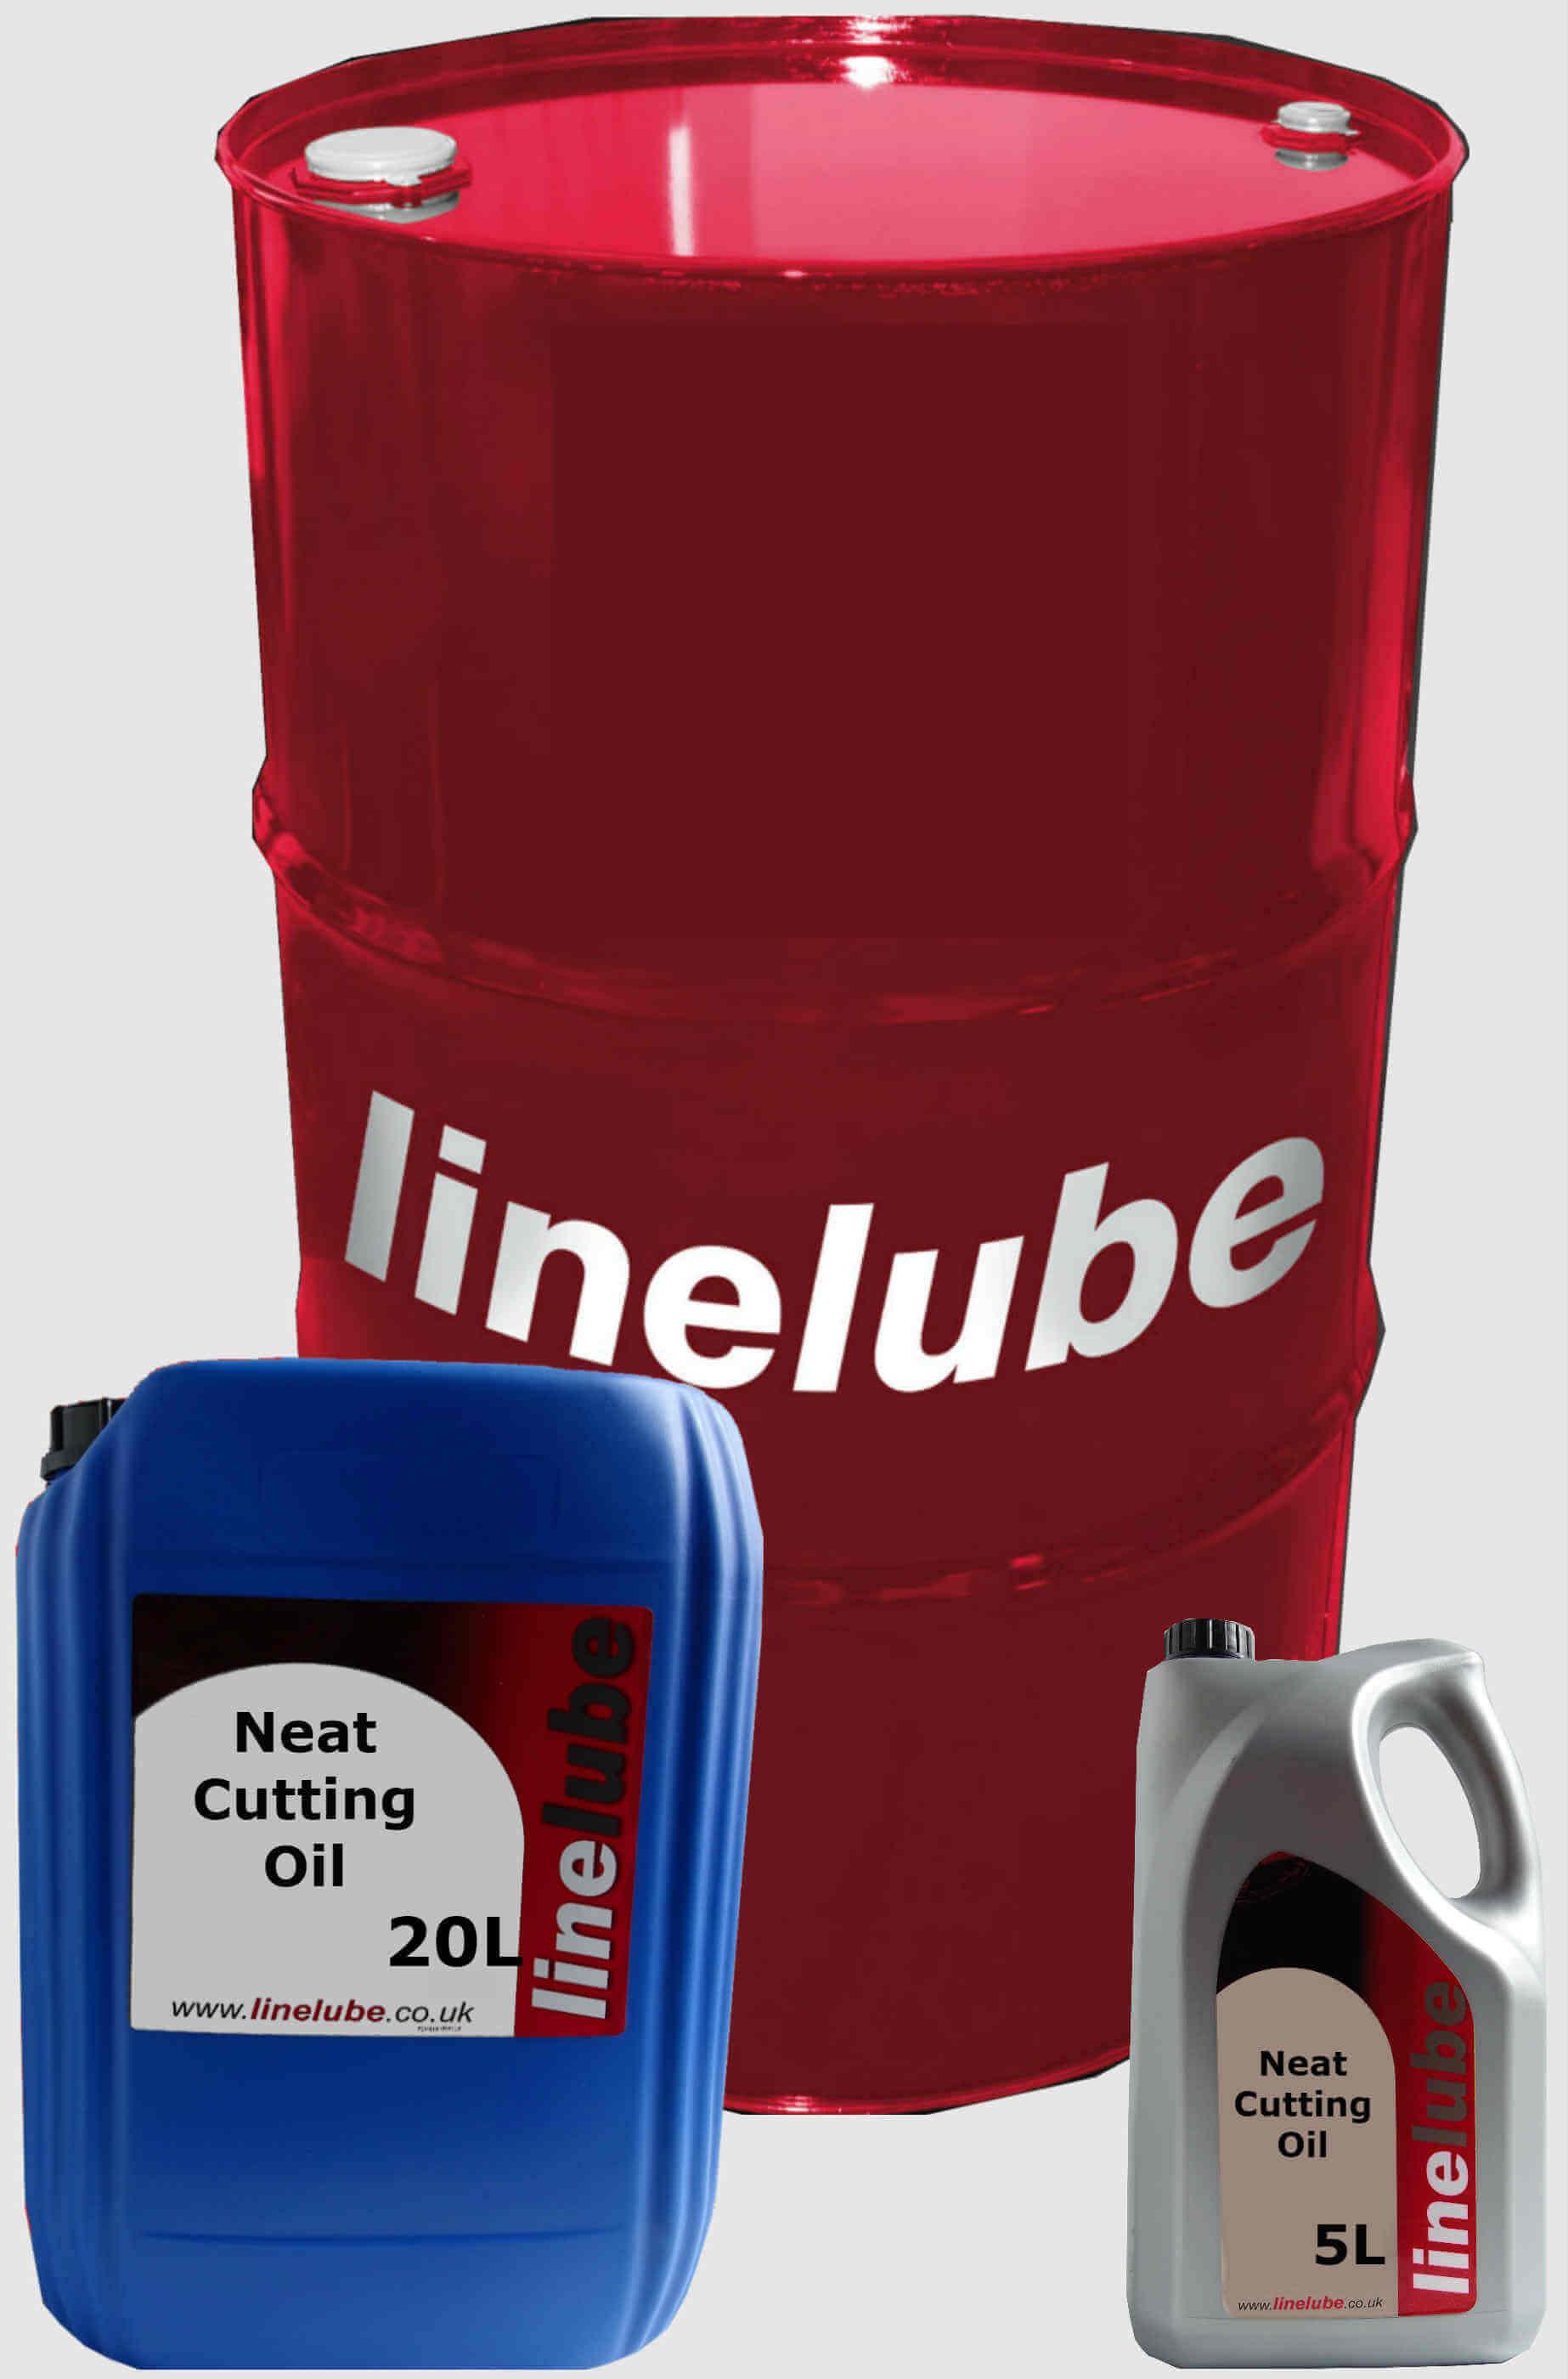 linelube Neat Cutting Oil